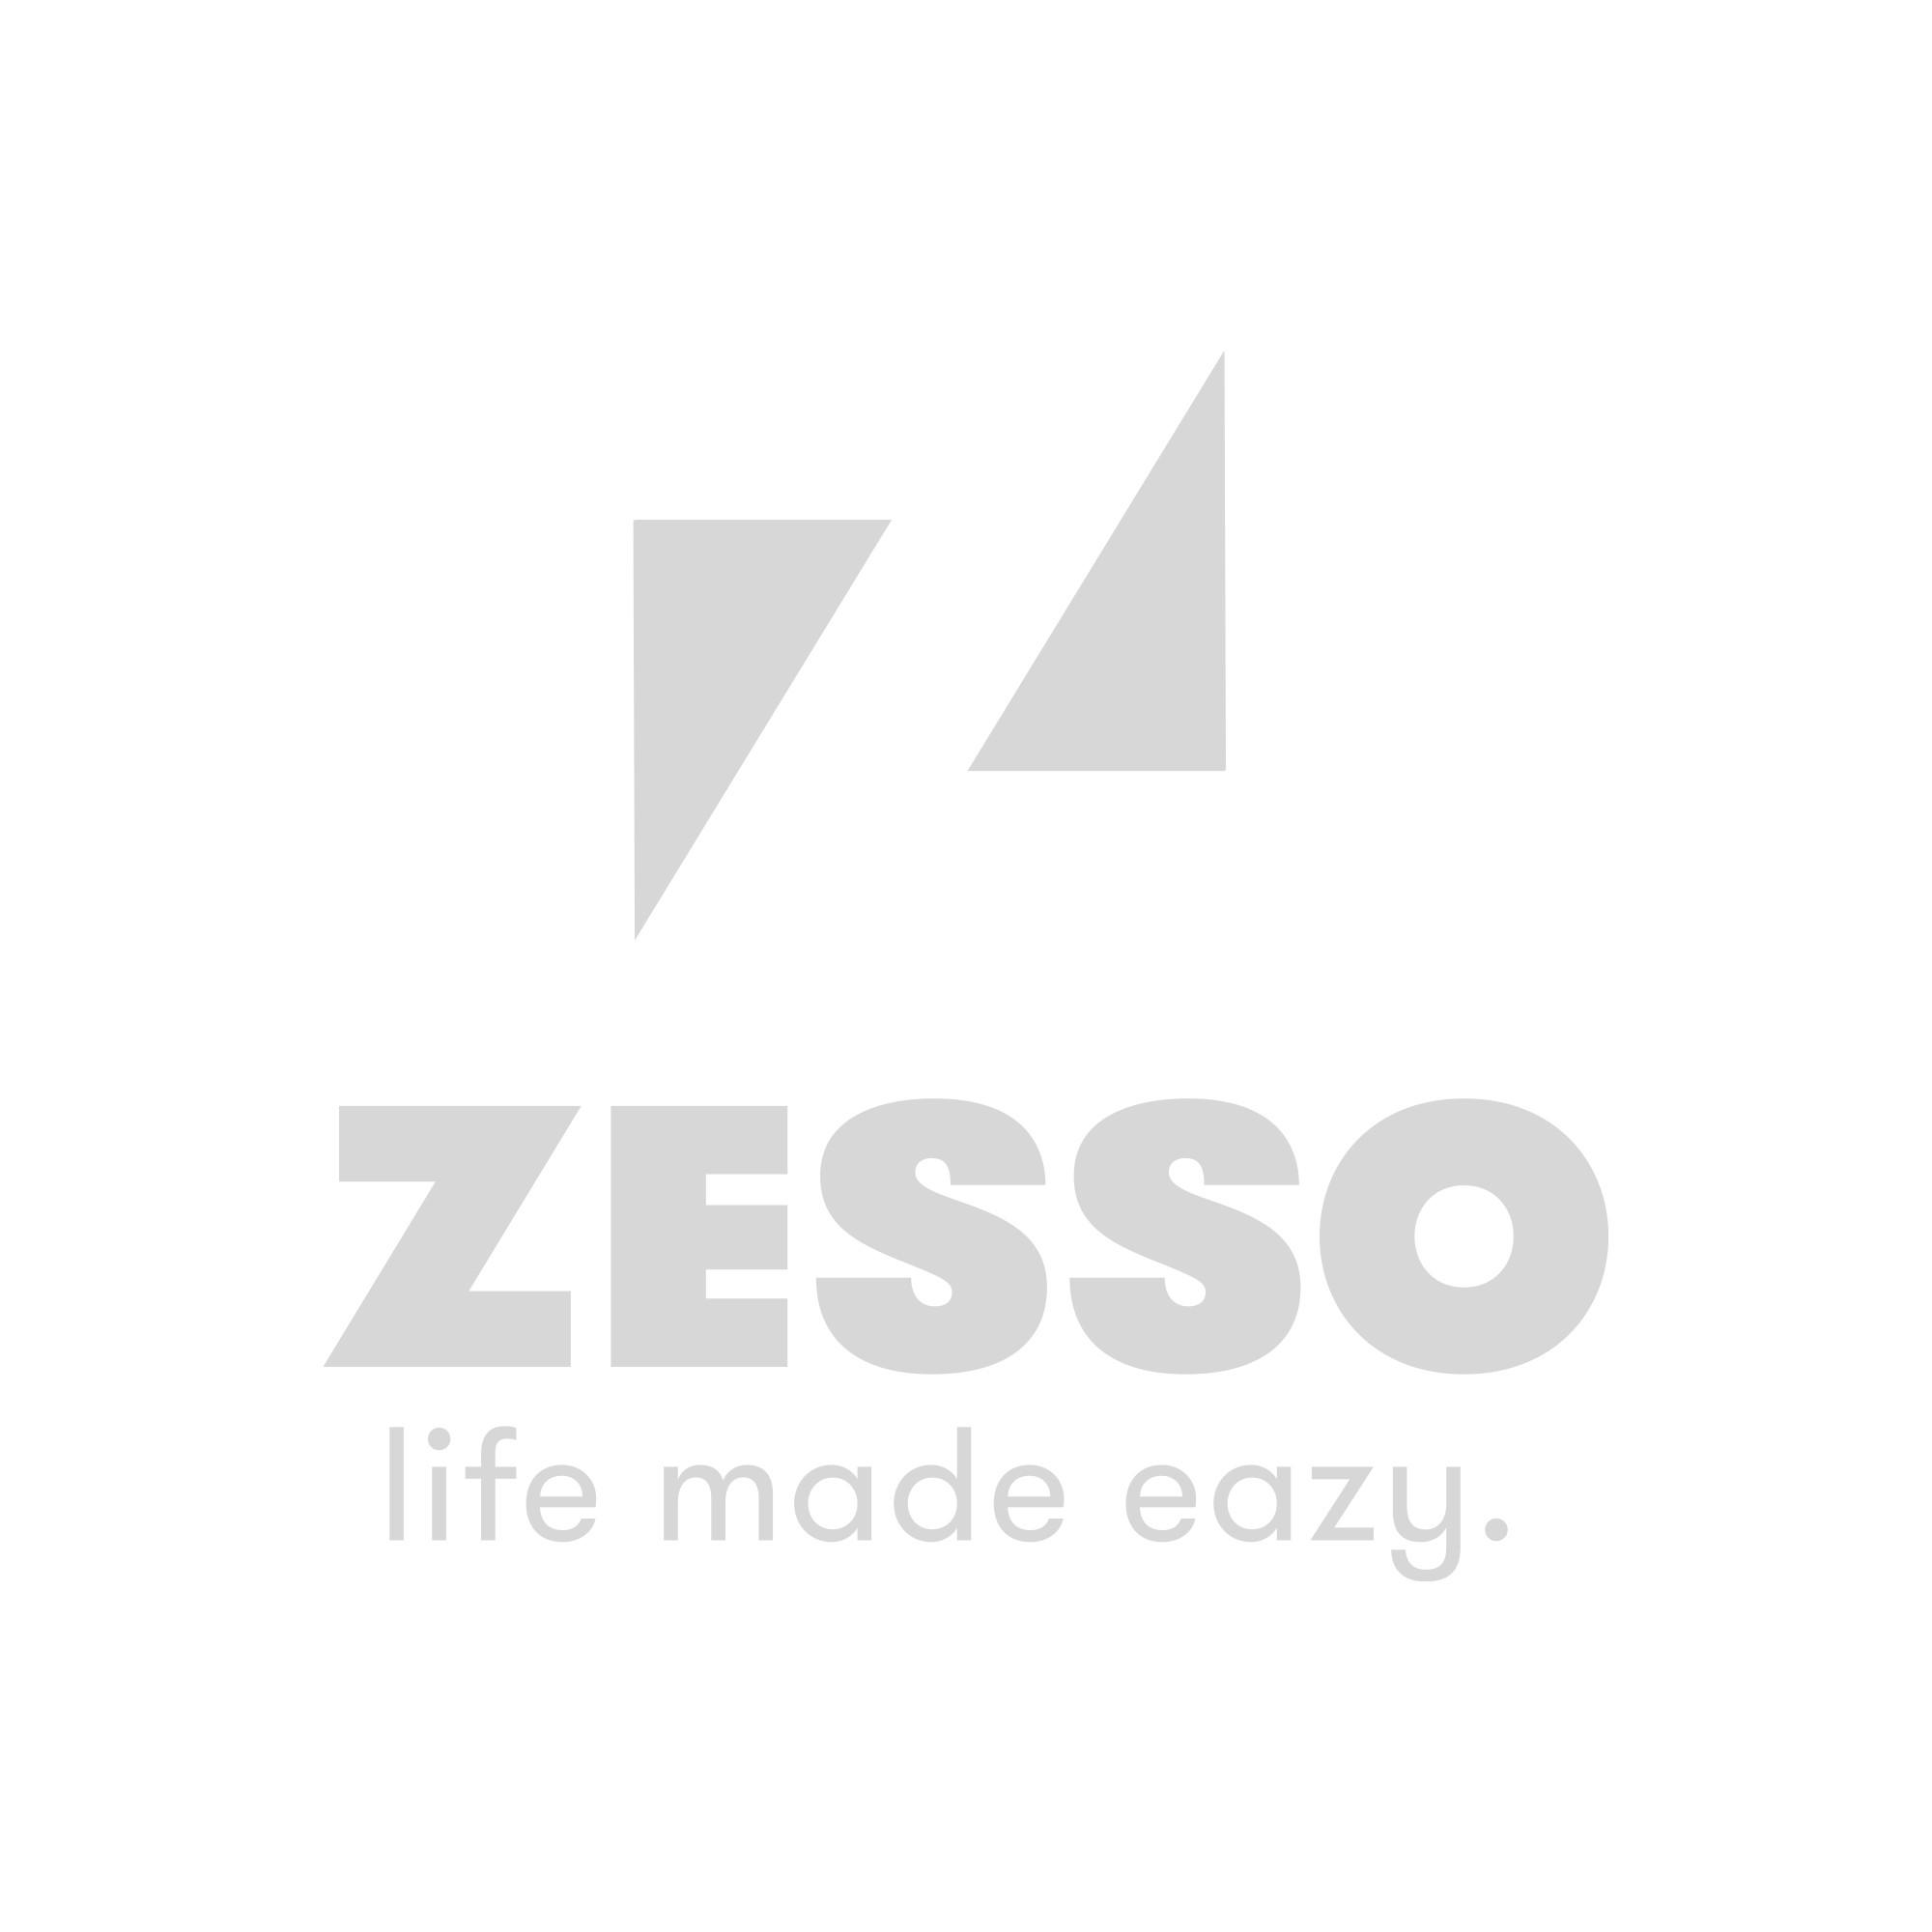 Dunlop Fietshelm HB13 Medium Zwart - Maat 55 tot 58